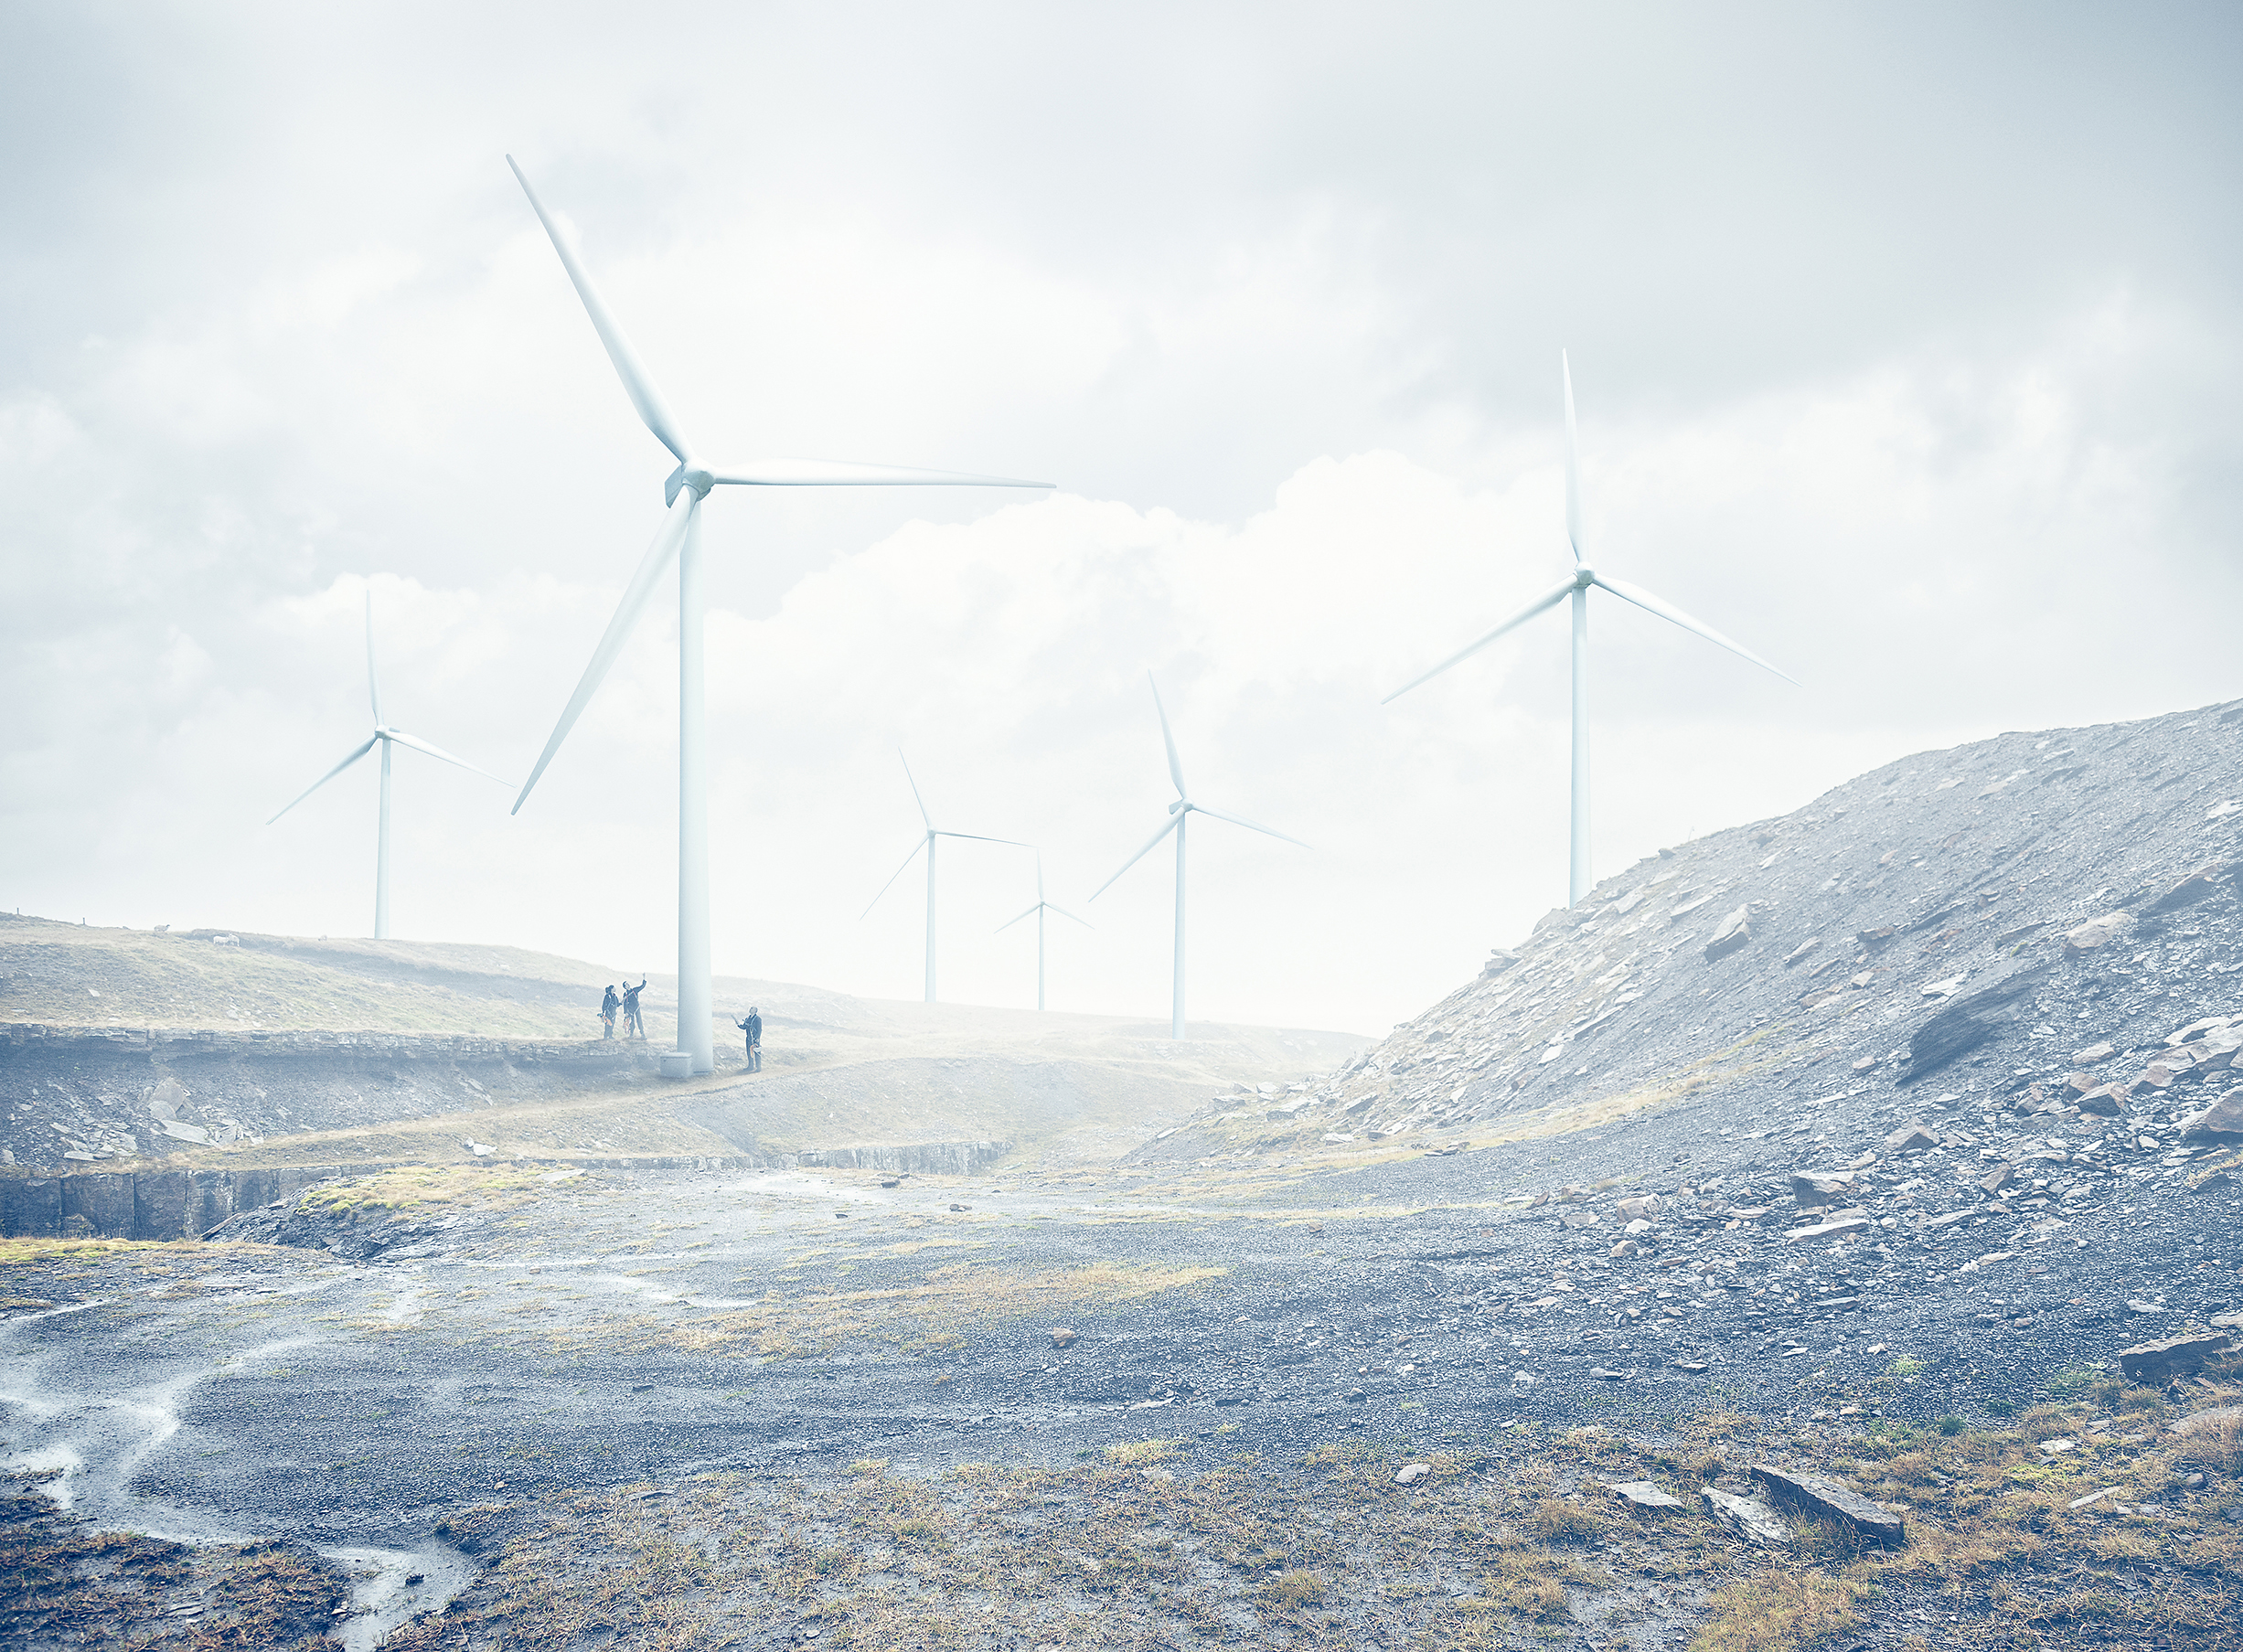 Statistikverfahren zur Senkung der Betriebskosten von Windkraftanlagen